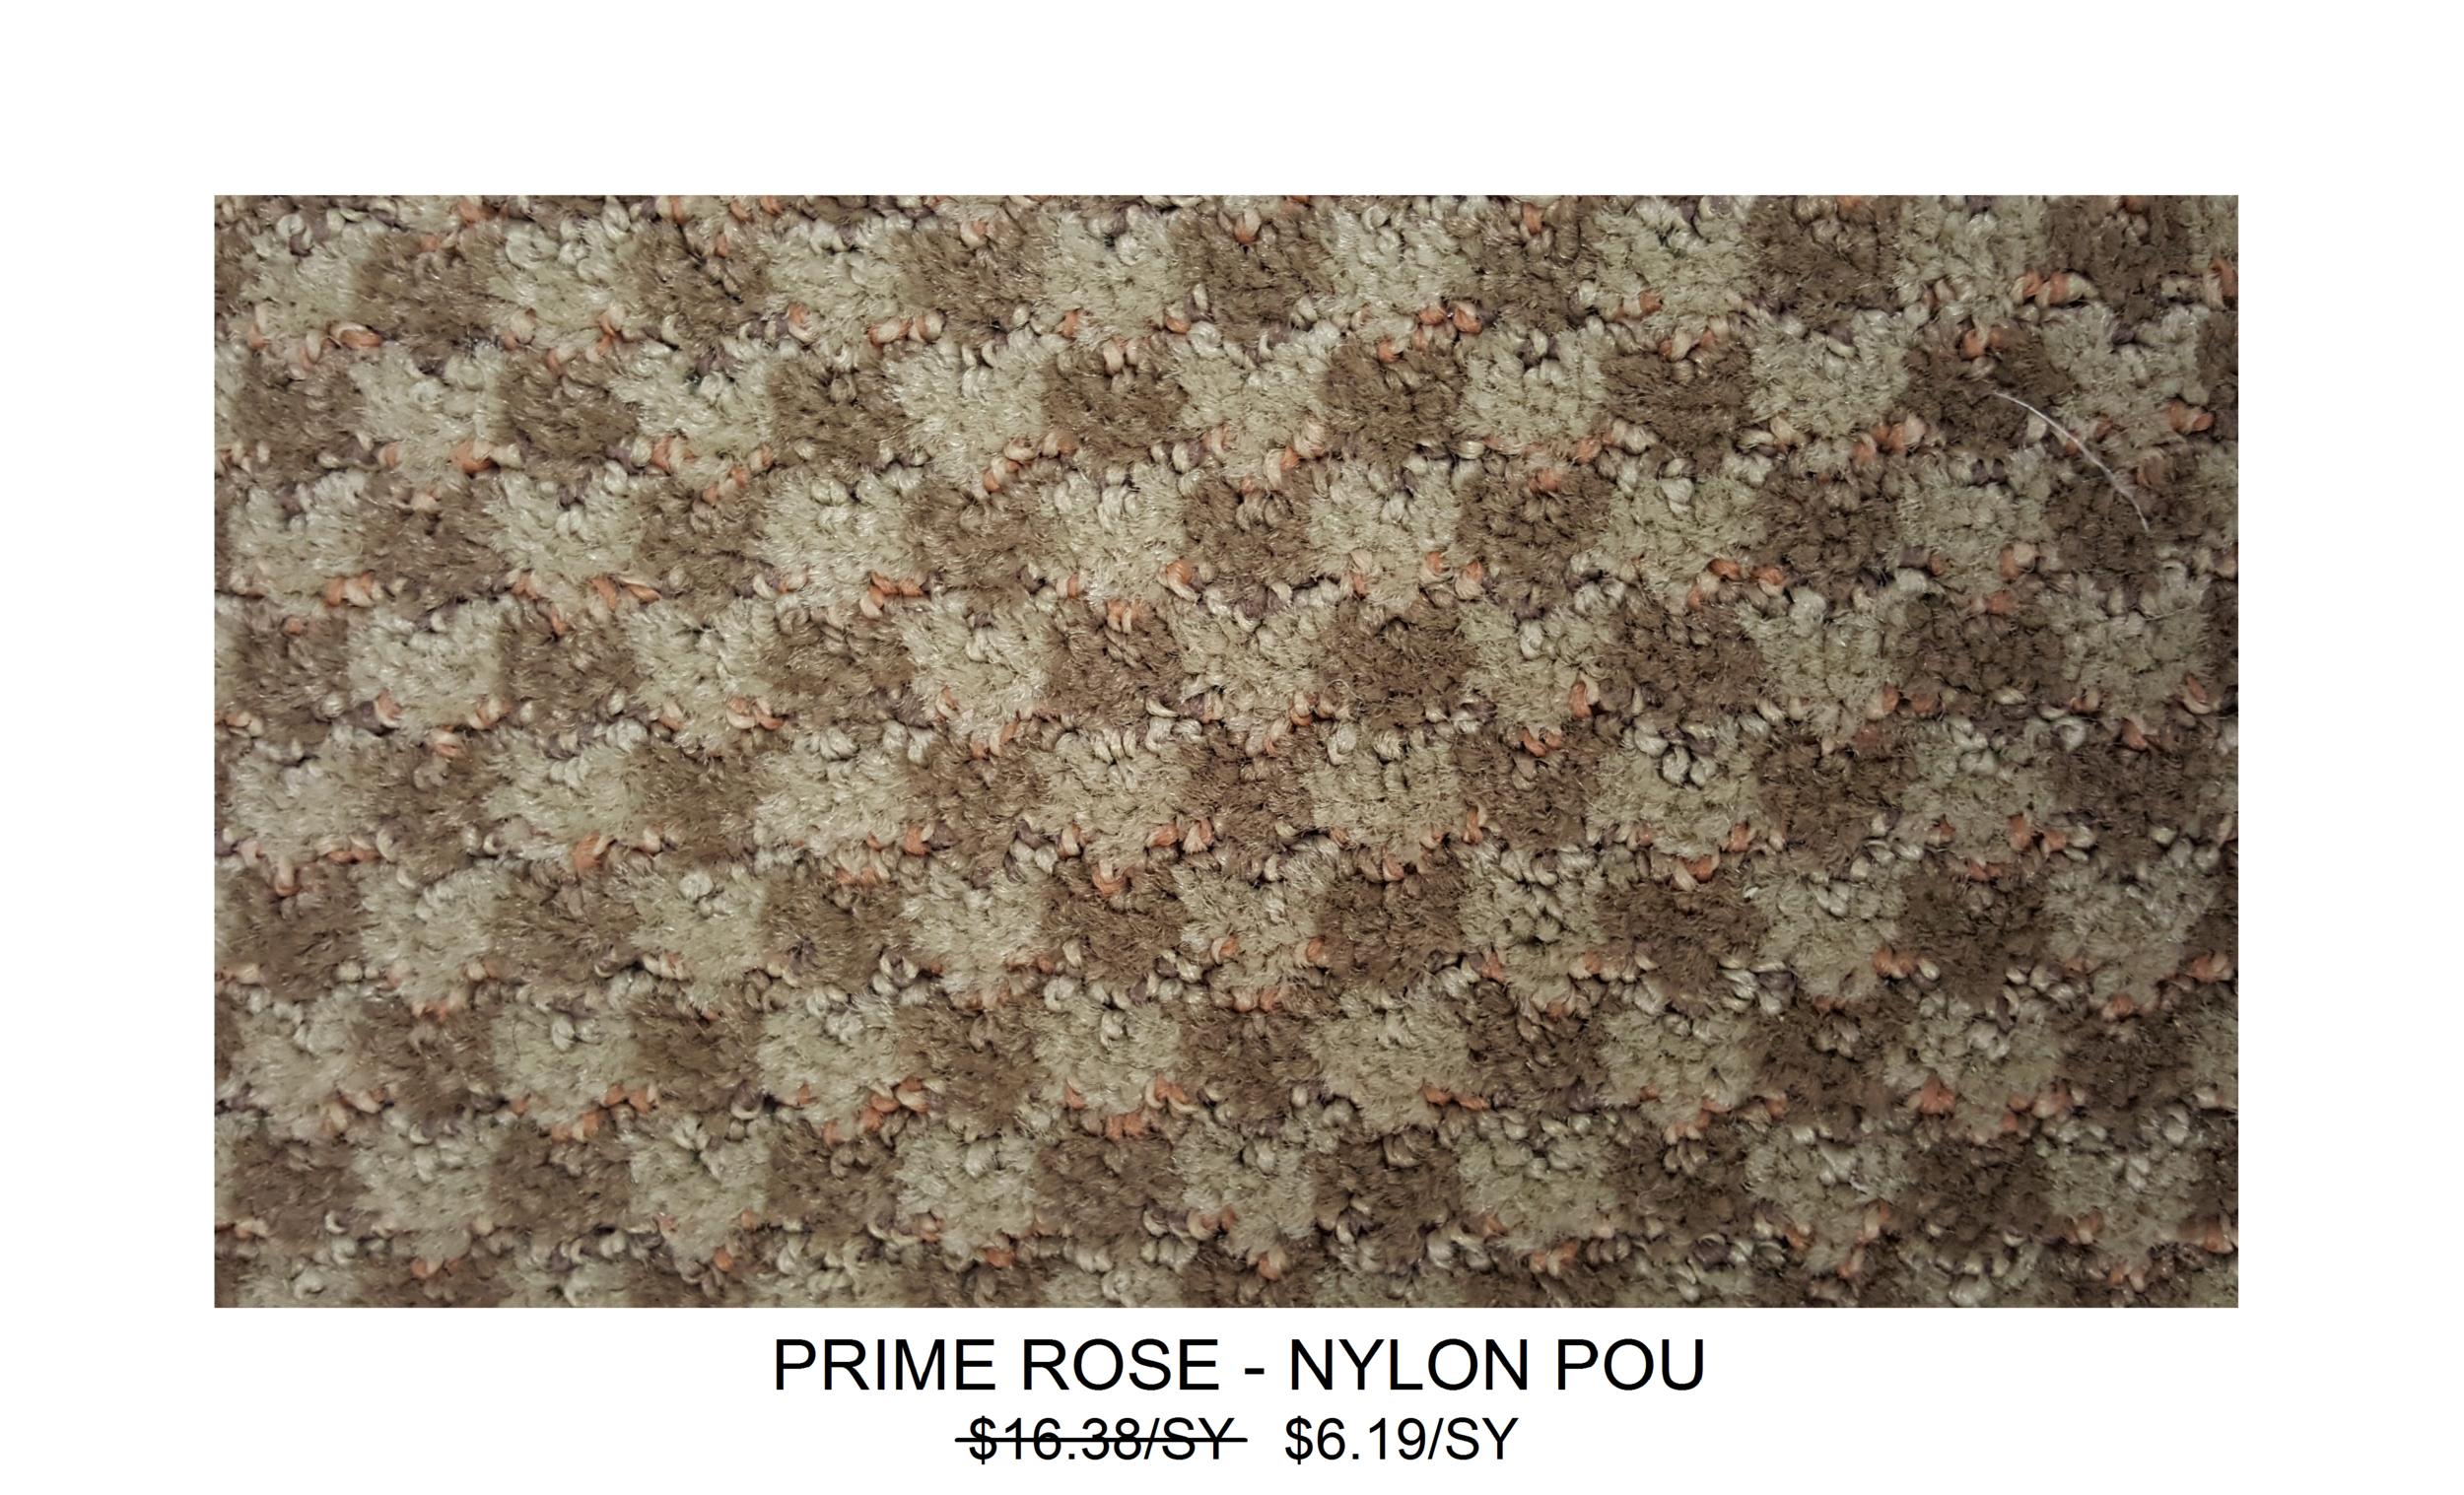 Prime Rose - Nylon Pou.png